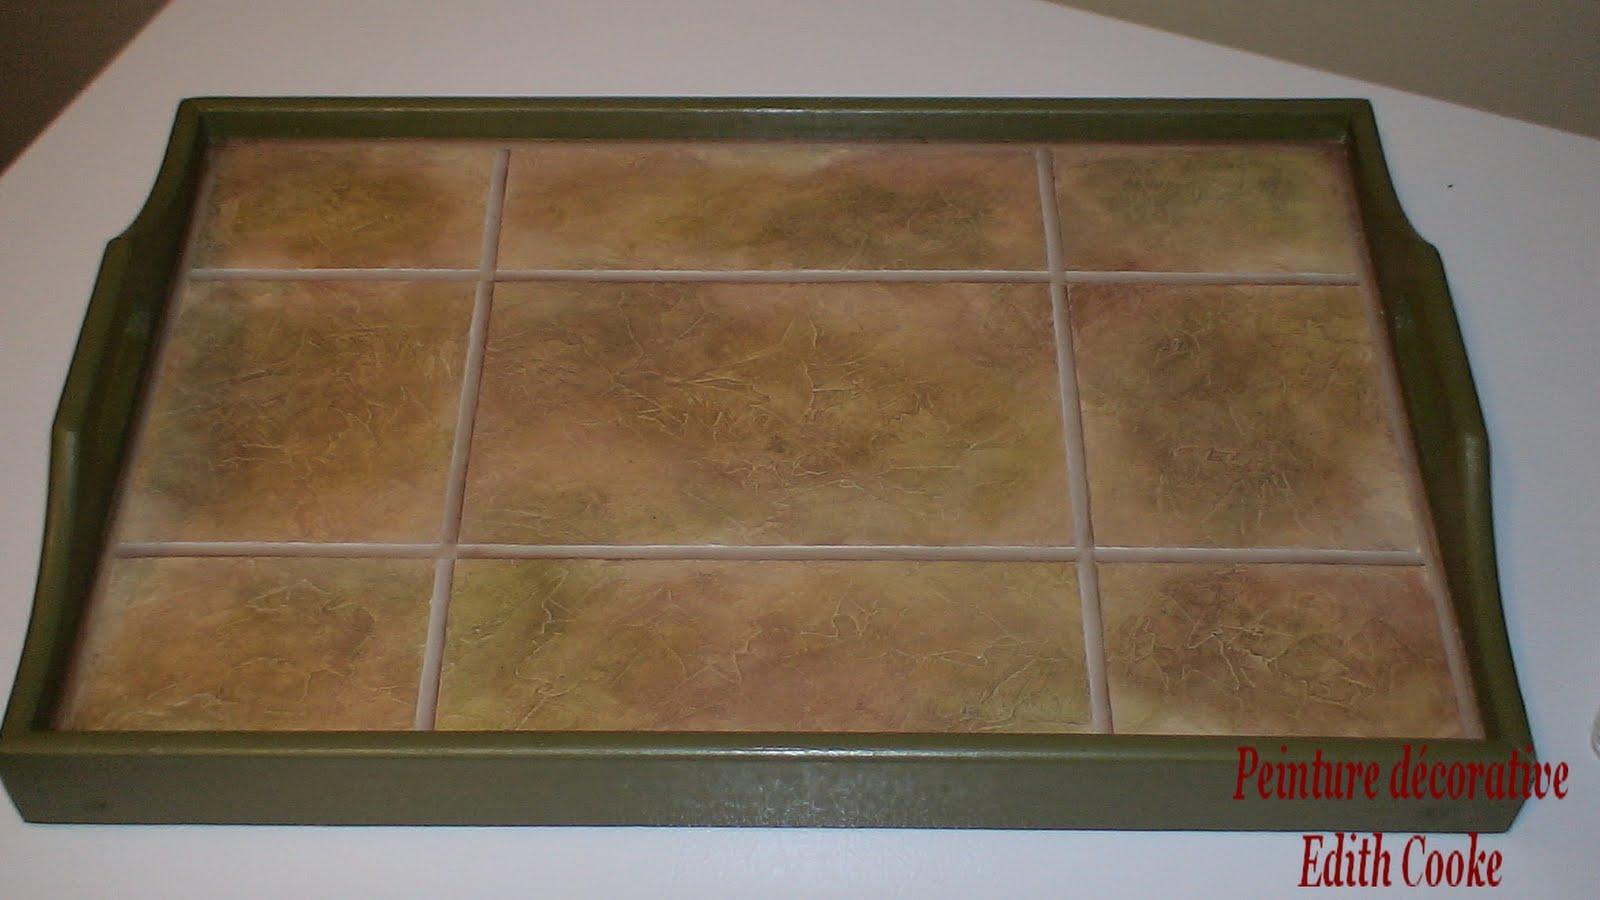 Peinture d corative edith cooke table en fausse c ramique - Fausse ceramique autocollante ...